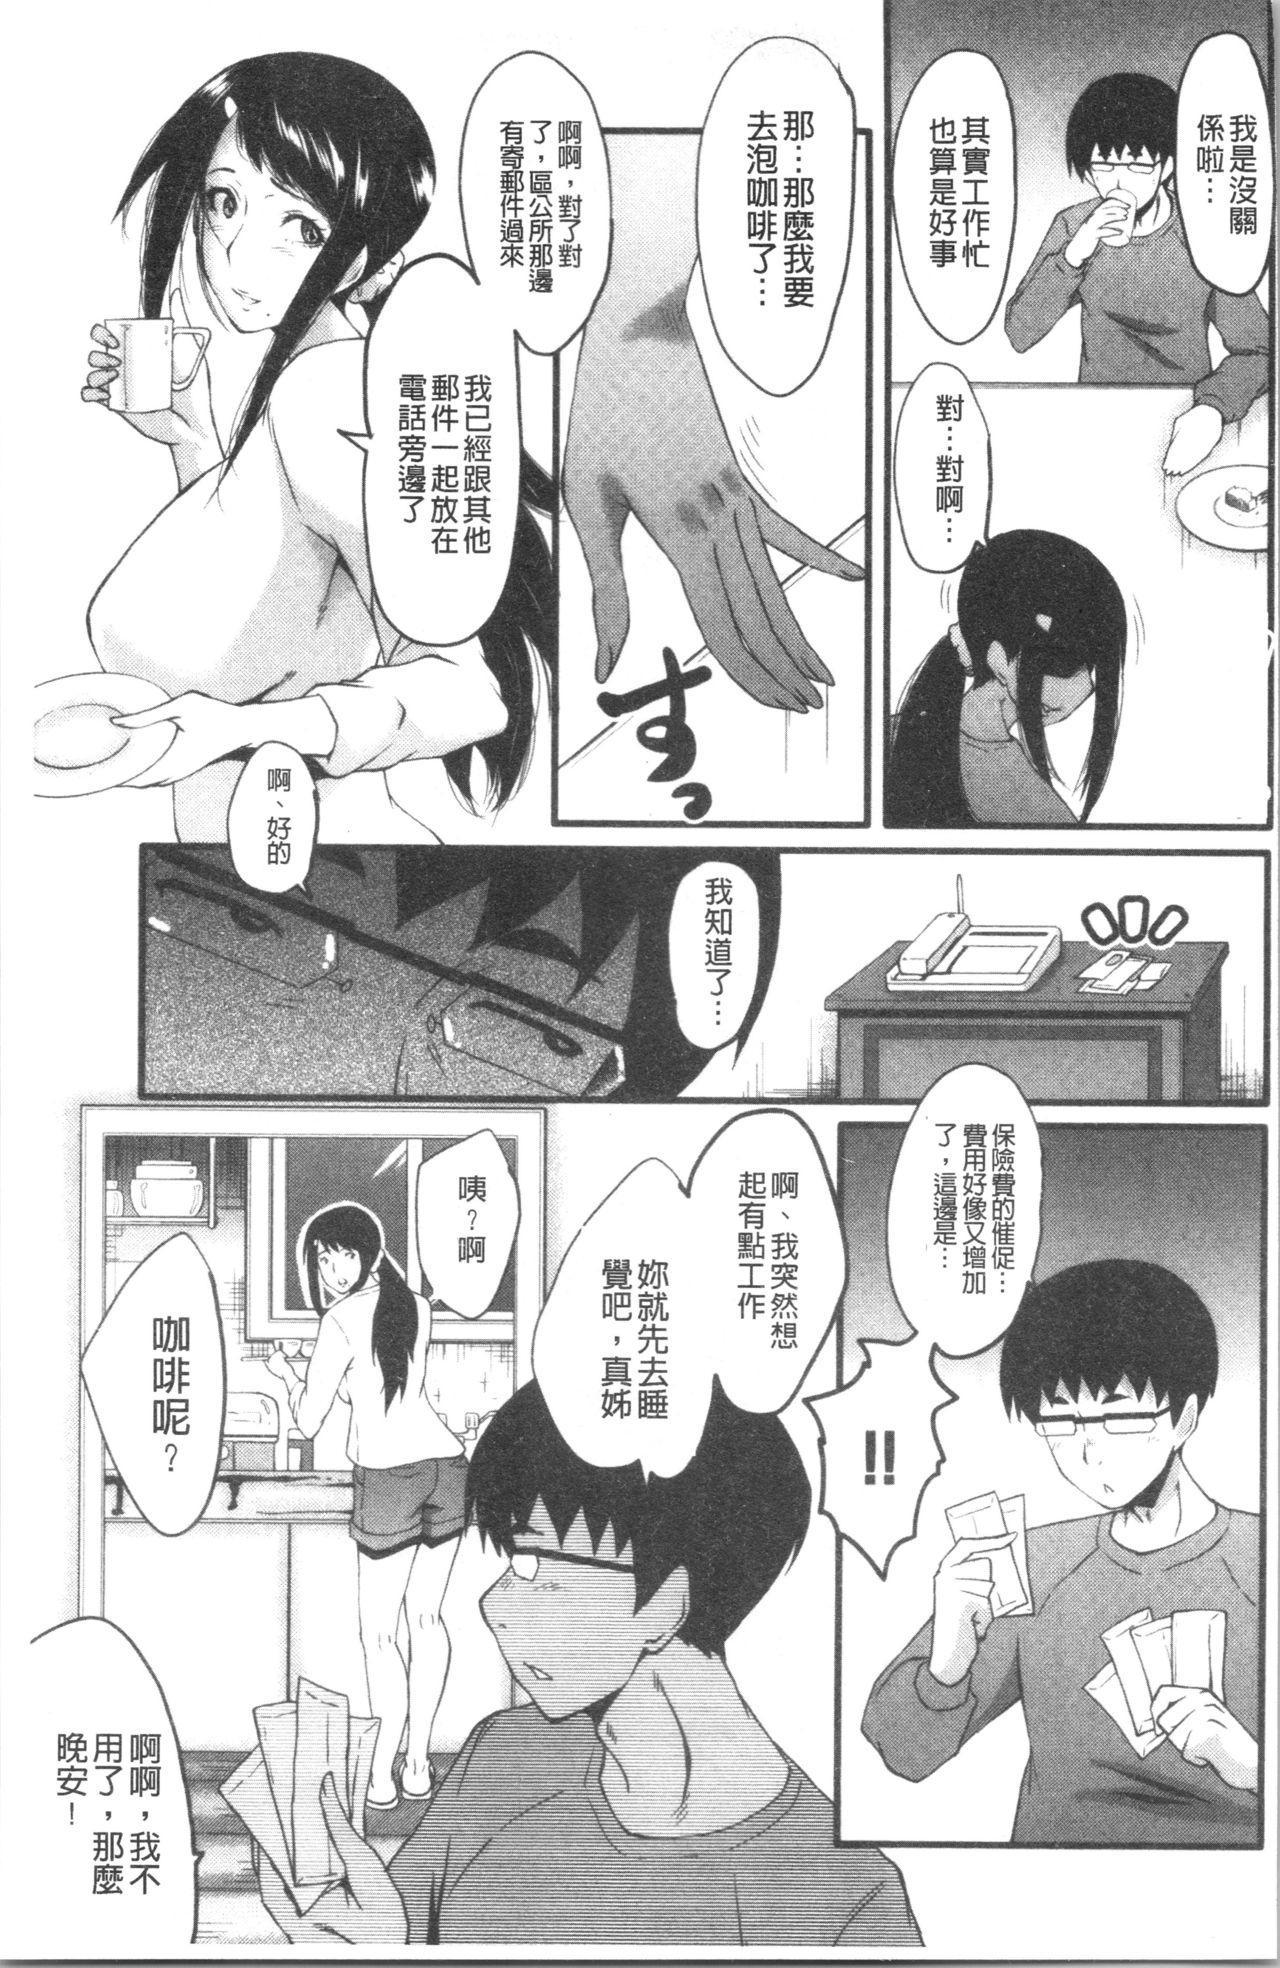 Bokuno Kanojo ga Kusogaki ni Netorareta Hanashi 130